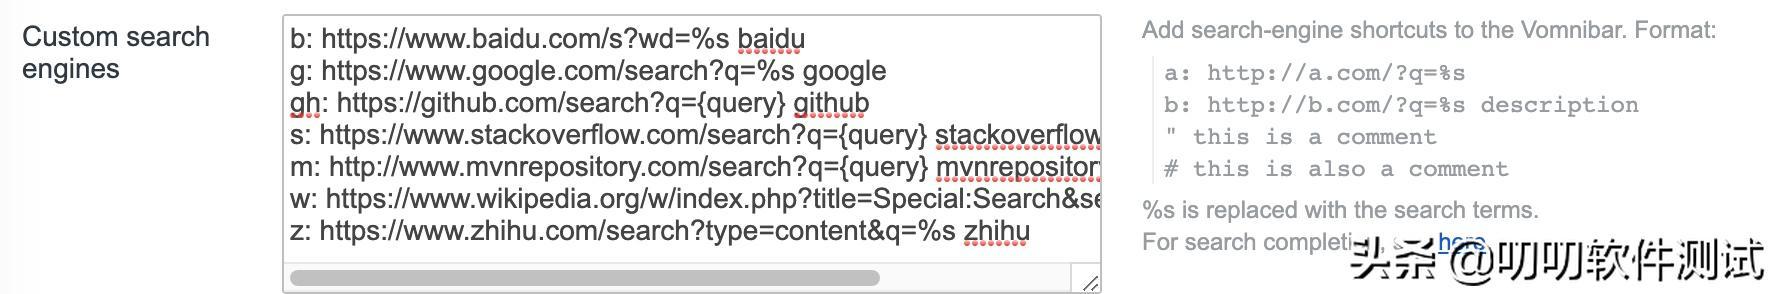 使用 Chrome 插件 Vimium 打造黑客浏览器